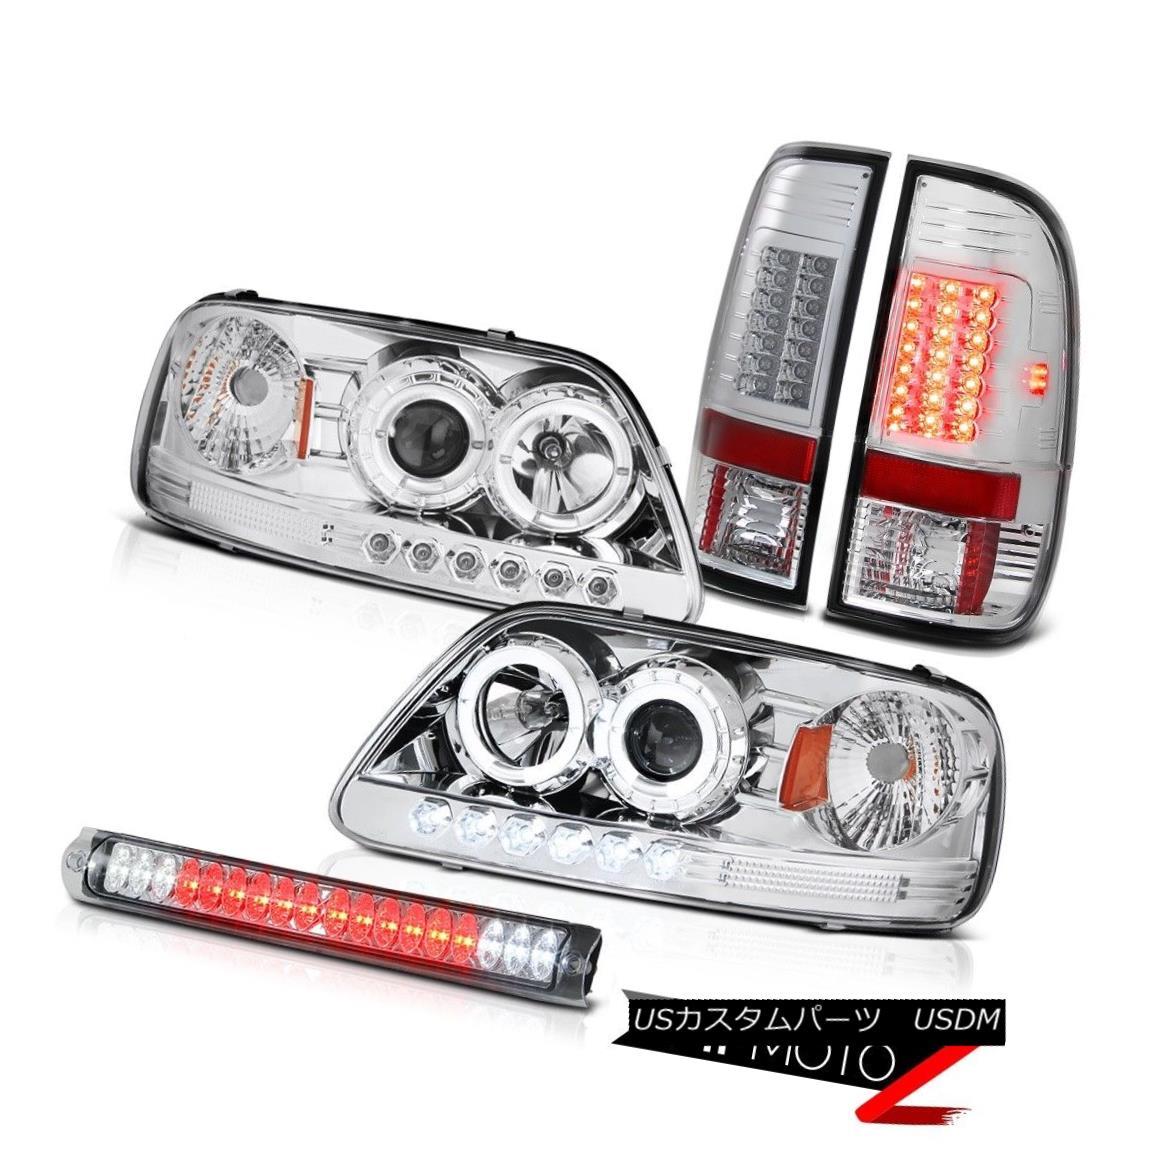 ヘッドライト Crystal Halo LED Headlight BRIGHT Tail Light Roof Brake Chrome F150 Lariat 97-03 クリスタルハローLEDヘッドライトBRIGHTテールライトルーフブレーキクロームF150ラリアート97-03